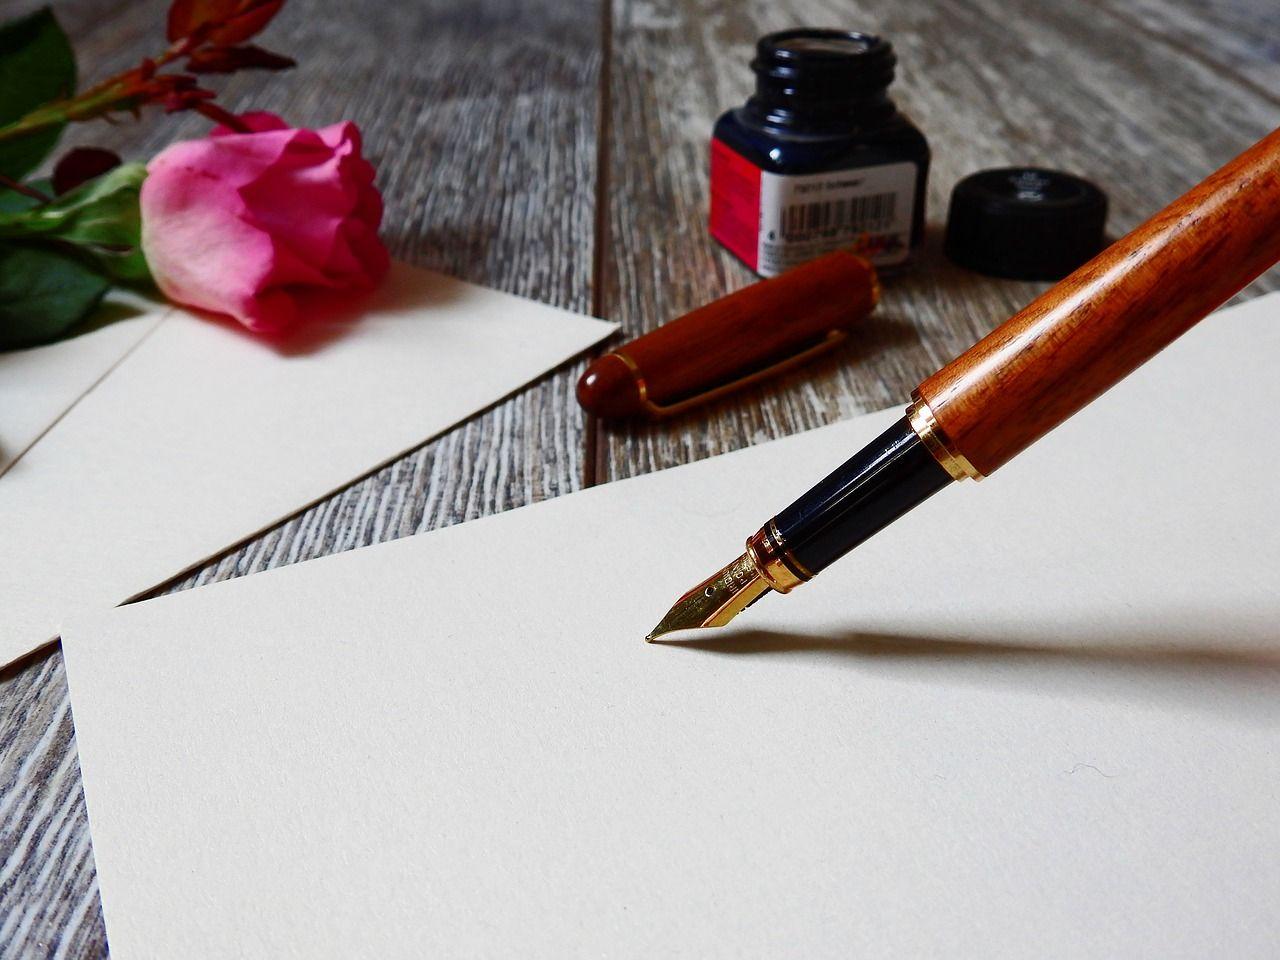 Najbardziej eleganckie przybory do pisania